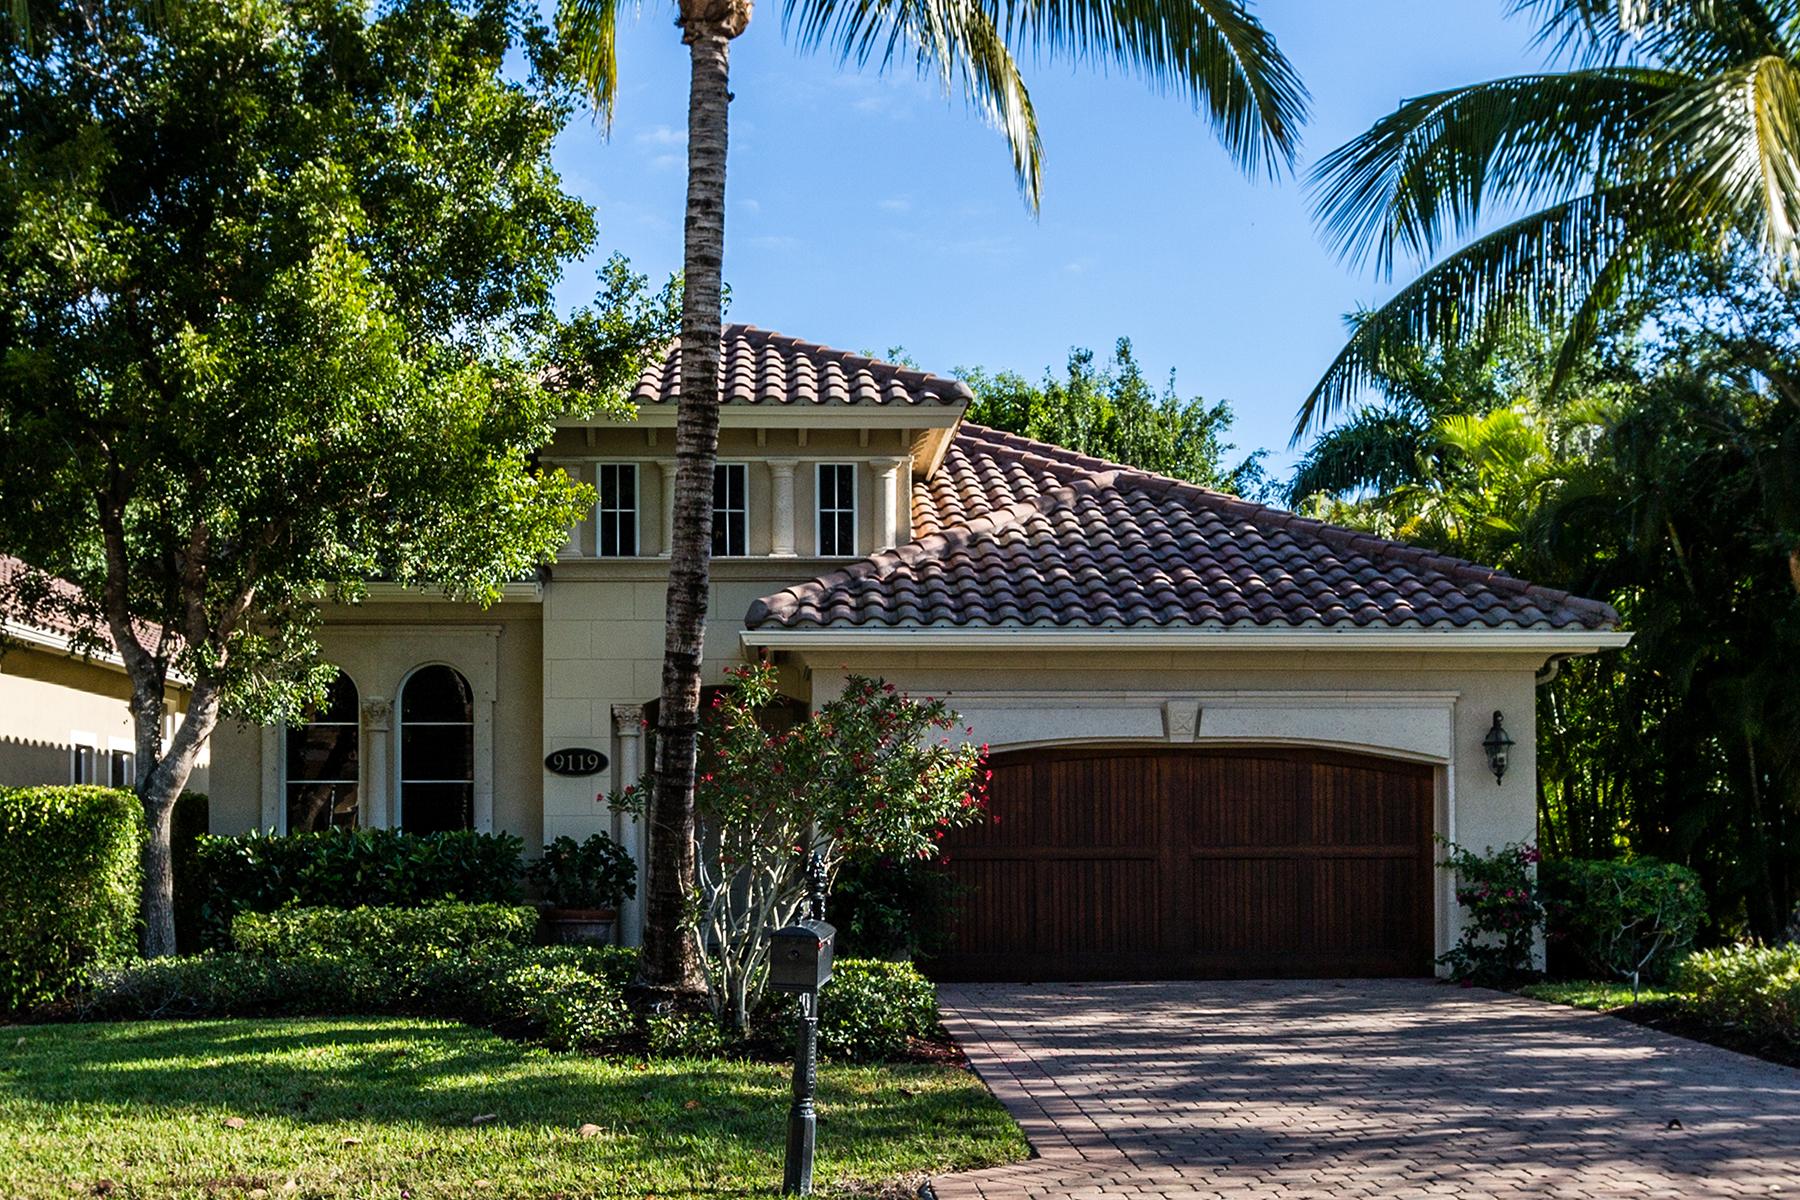 独户住宅 为 销售 在 FIDDLERS CREEK 9119 Cherry Oaks Ln 那不勒斯, 佛罗里达州, 34114 美国